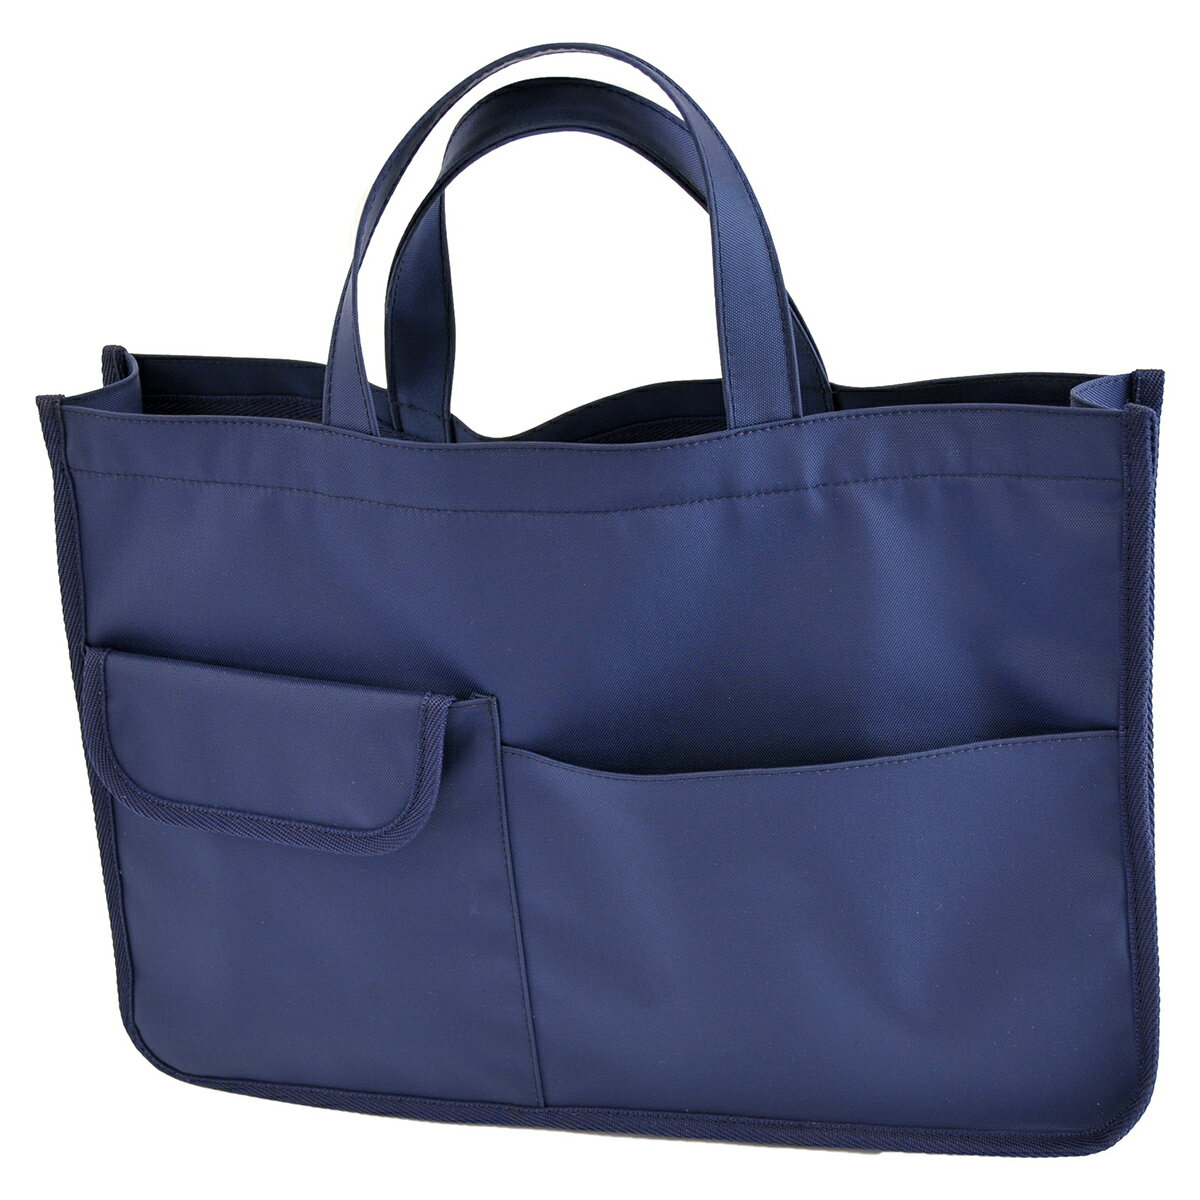 紺色ナイロン製レッスンバッグ【お受験バッグのハッピークローバー】【あす楽対応商品】